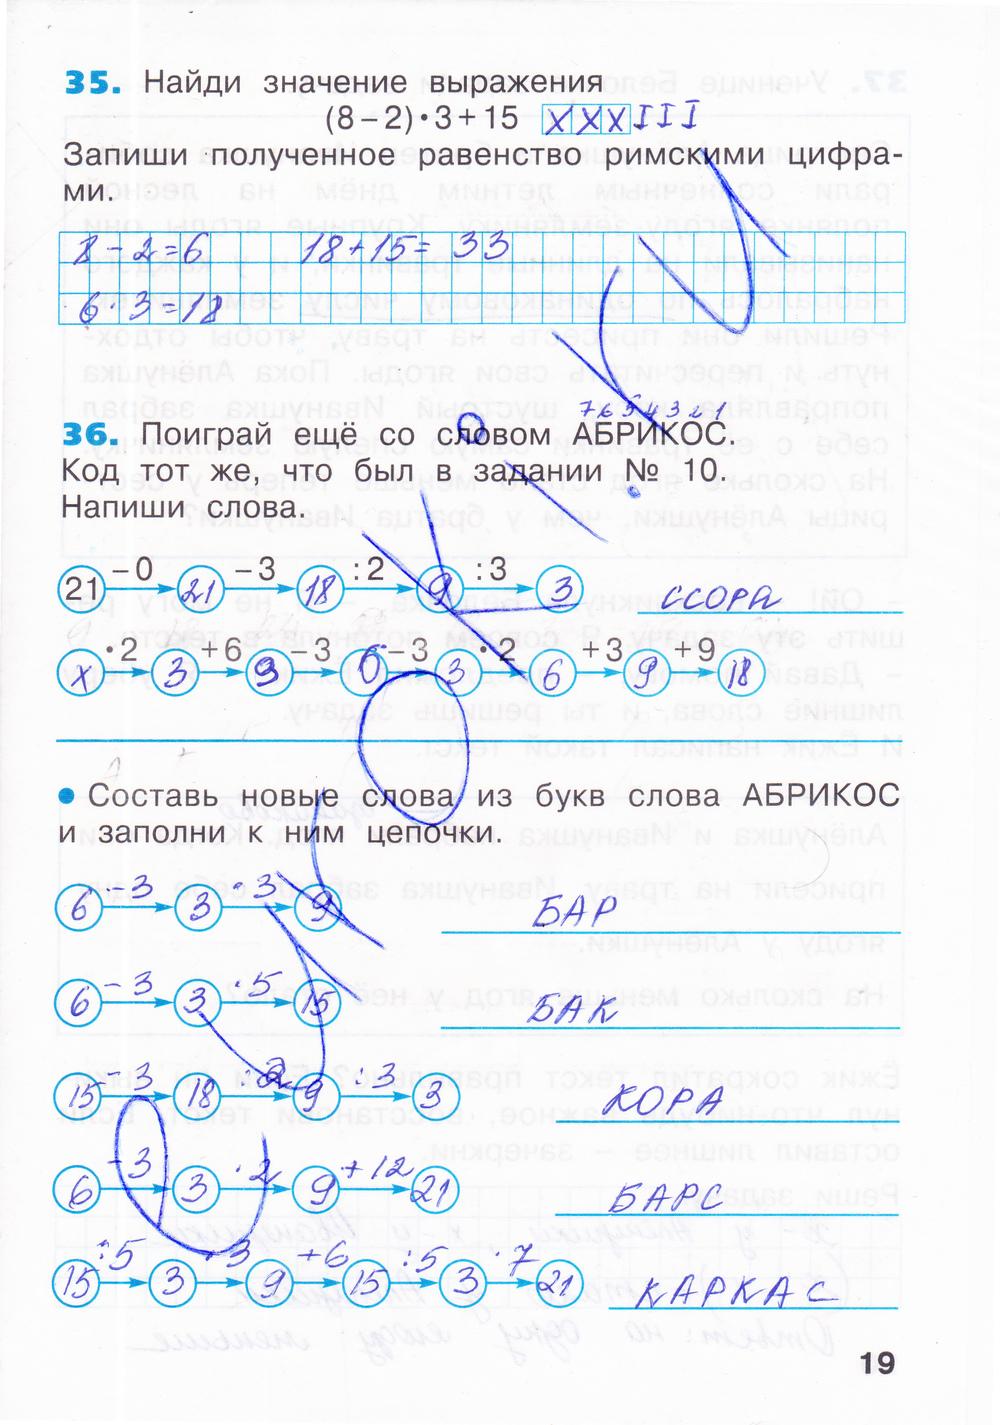 Решебник по математике 2 класс рабочая тетрадь бененсон итина 3 часть